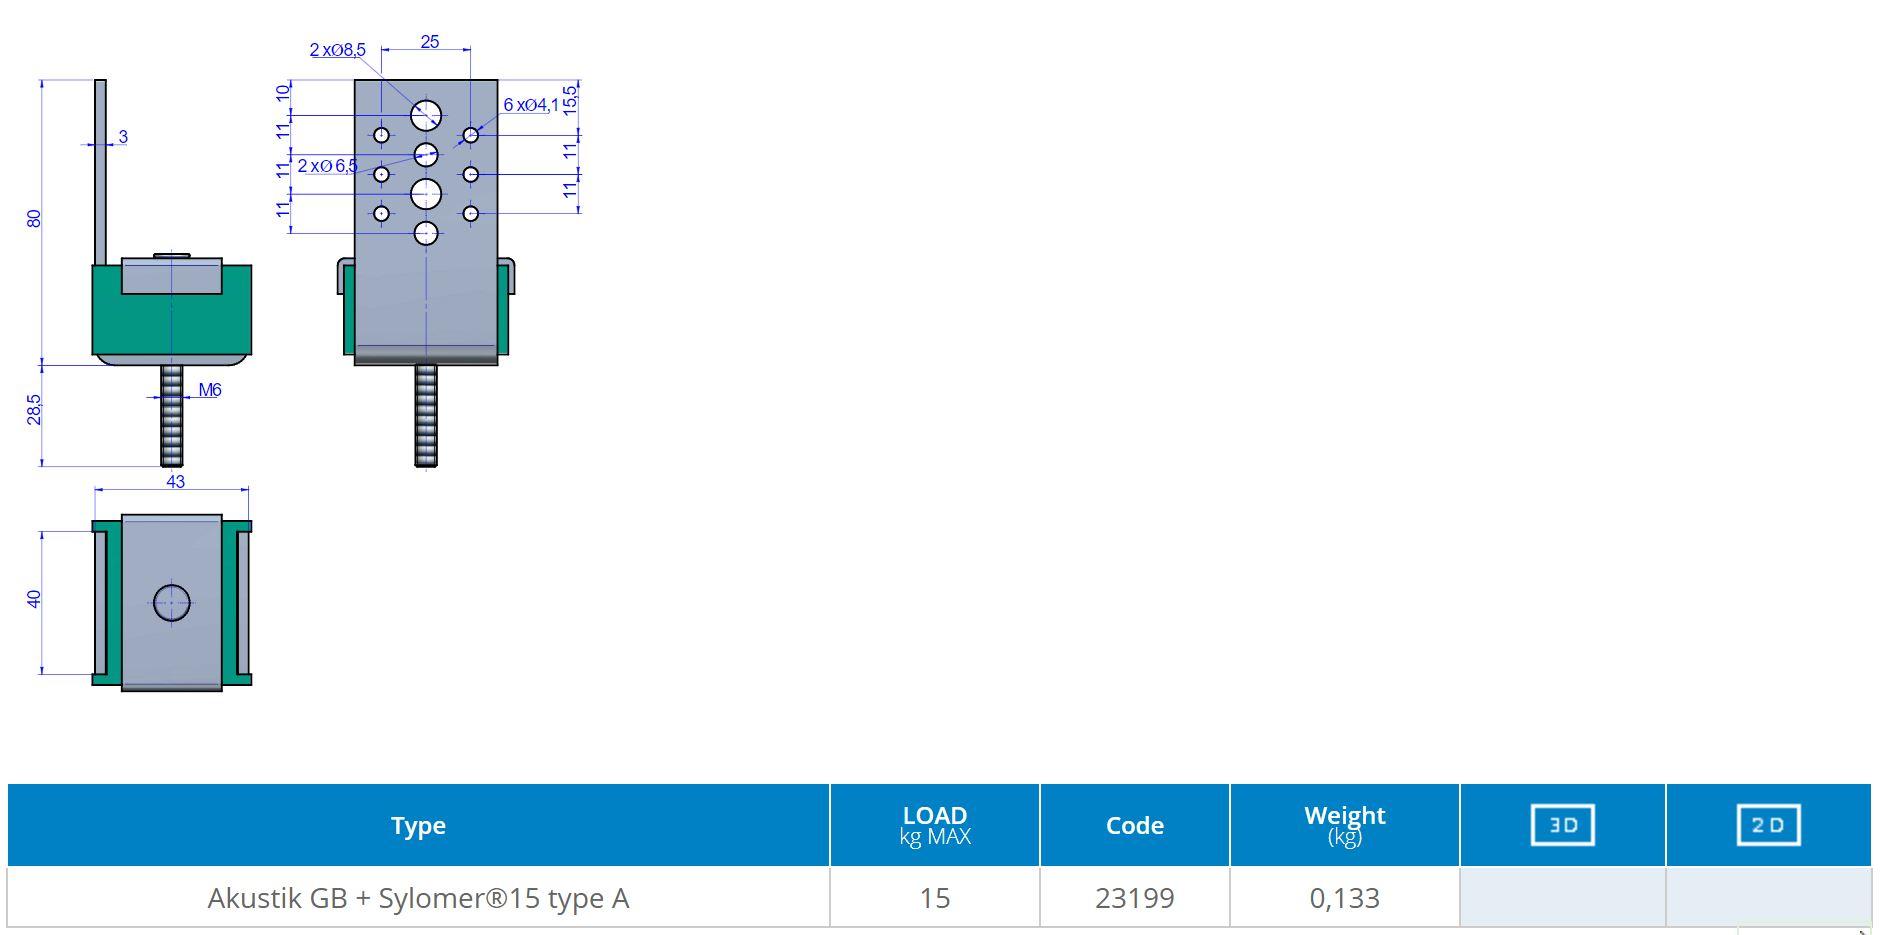 Akustik GB + Sylomer 15 Type A